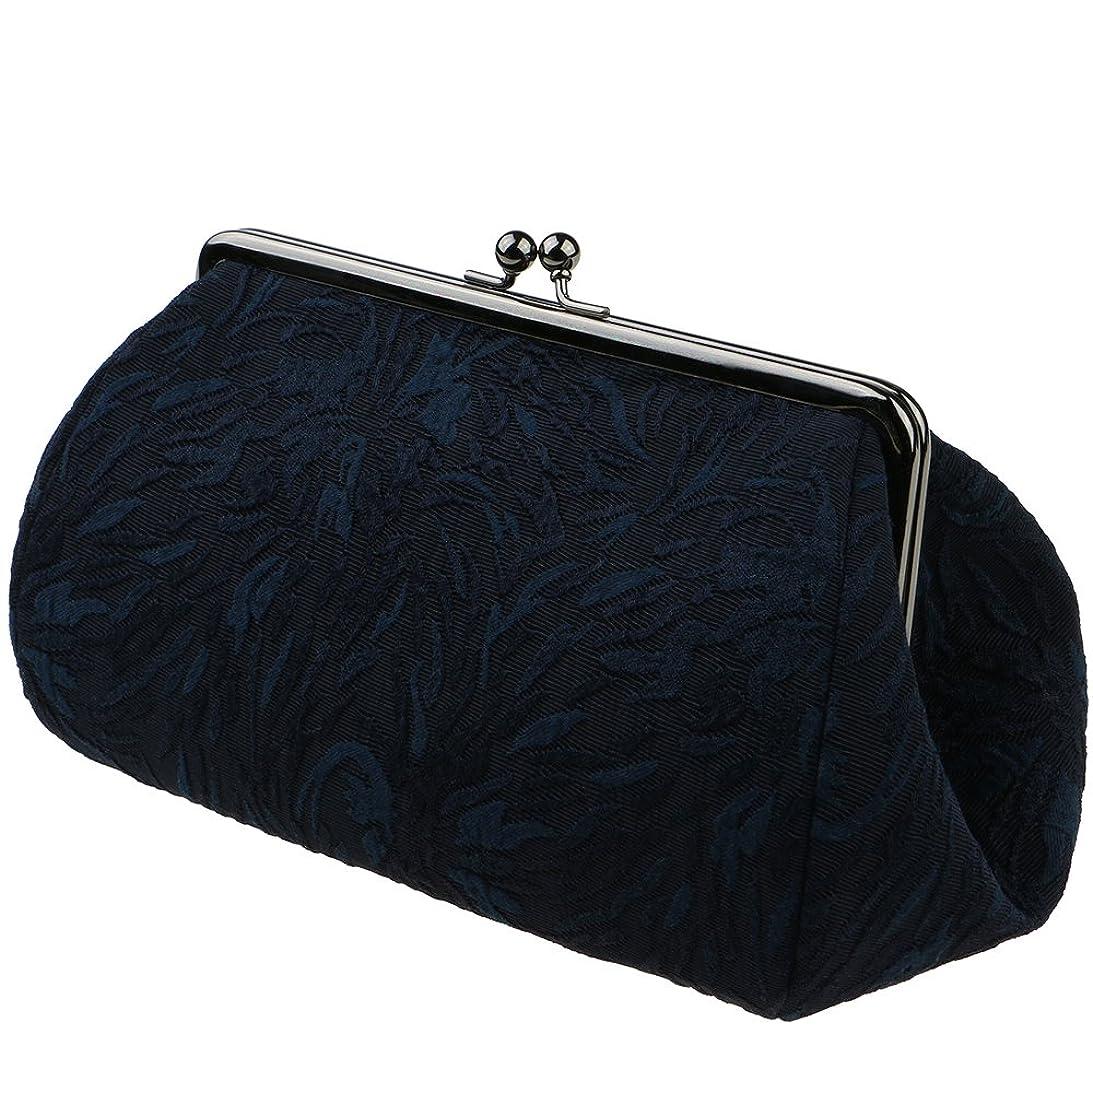 商業の誕生日しかしながらwatona ジャガード 化粧ポーチ(スリム)50-55sh (5寸 スリムサイズ, こん)